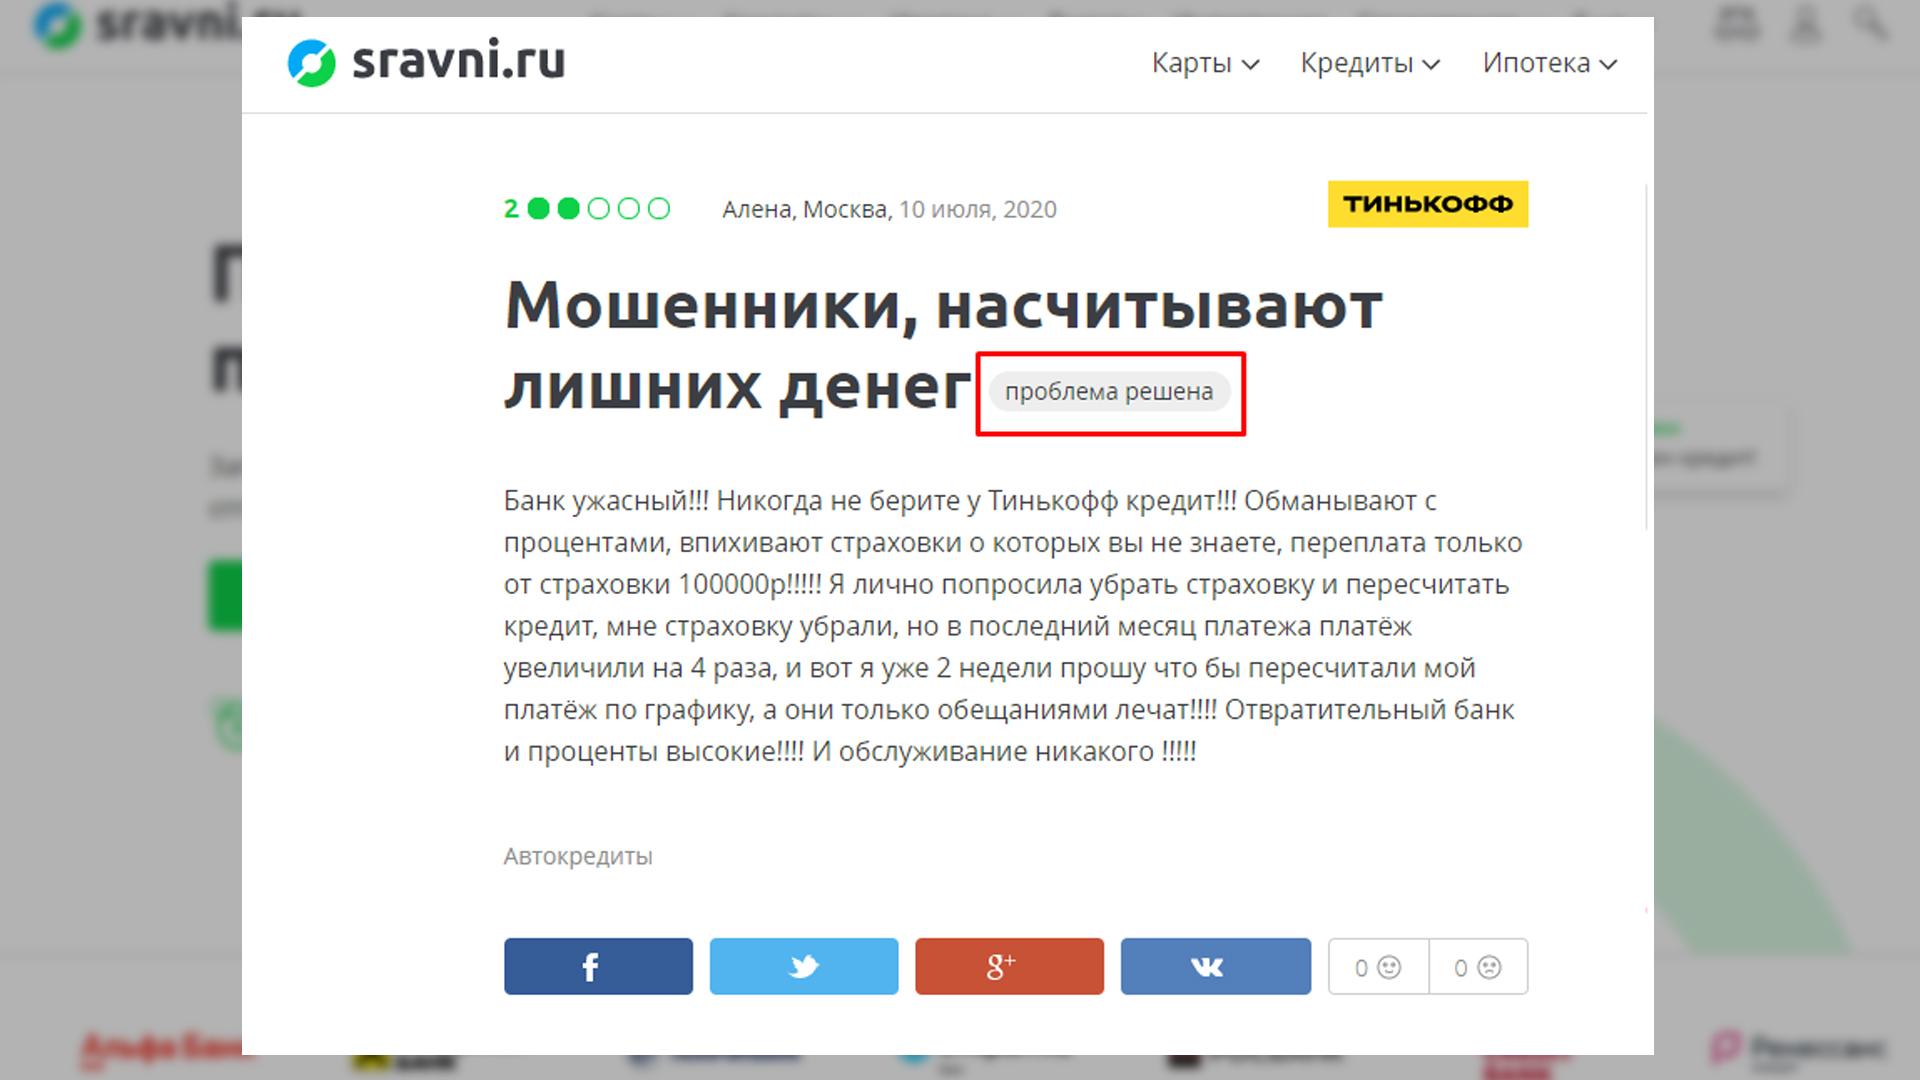 Пример отработанной жалобы на Сравни.ру в ветке банка Тинькофф.